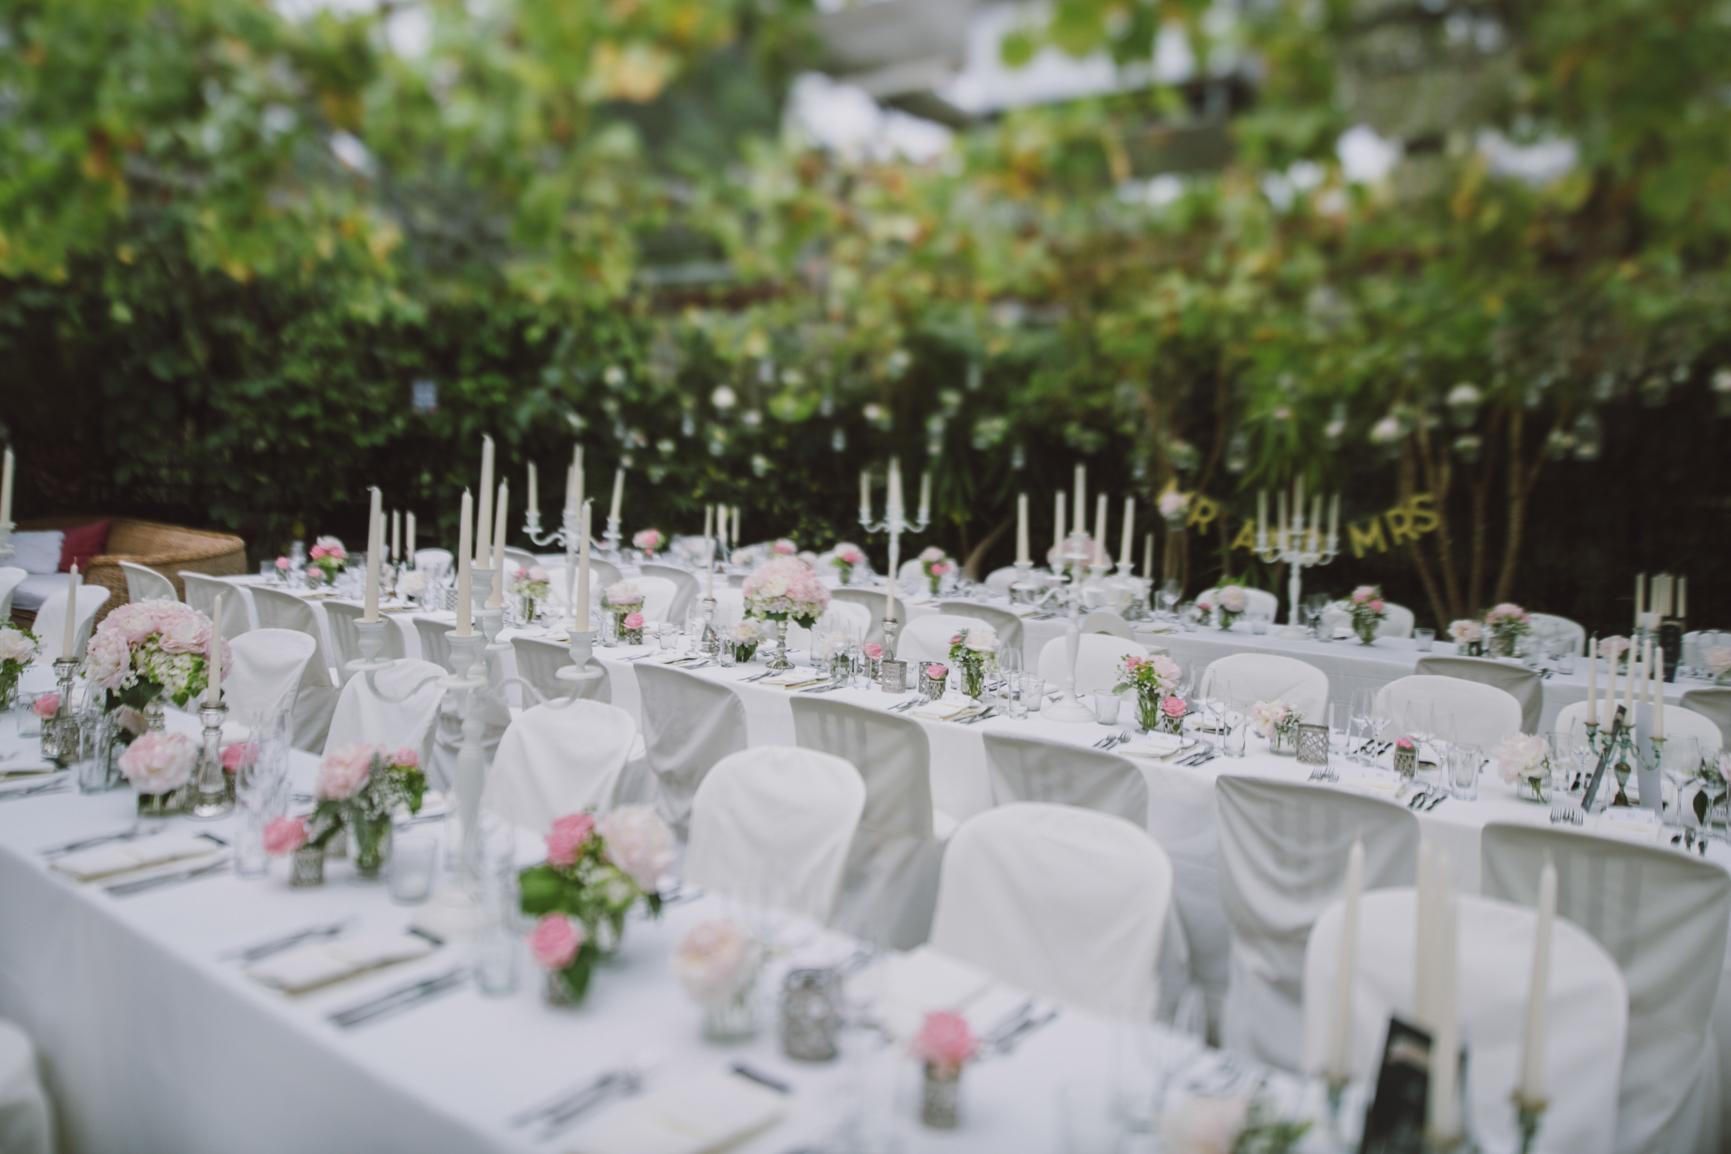 Alte Gärtnerei Taufkirchen, Paziundronny, Pazi Hochzeit, Ronny Philp hochzeit